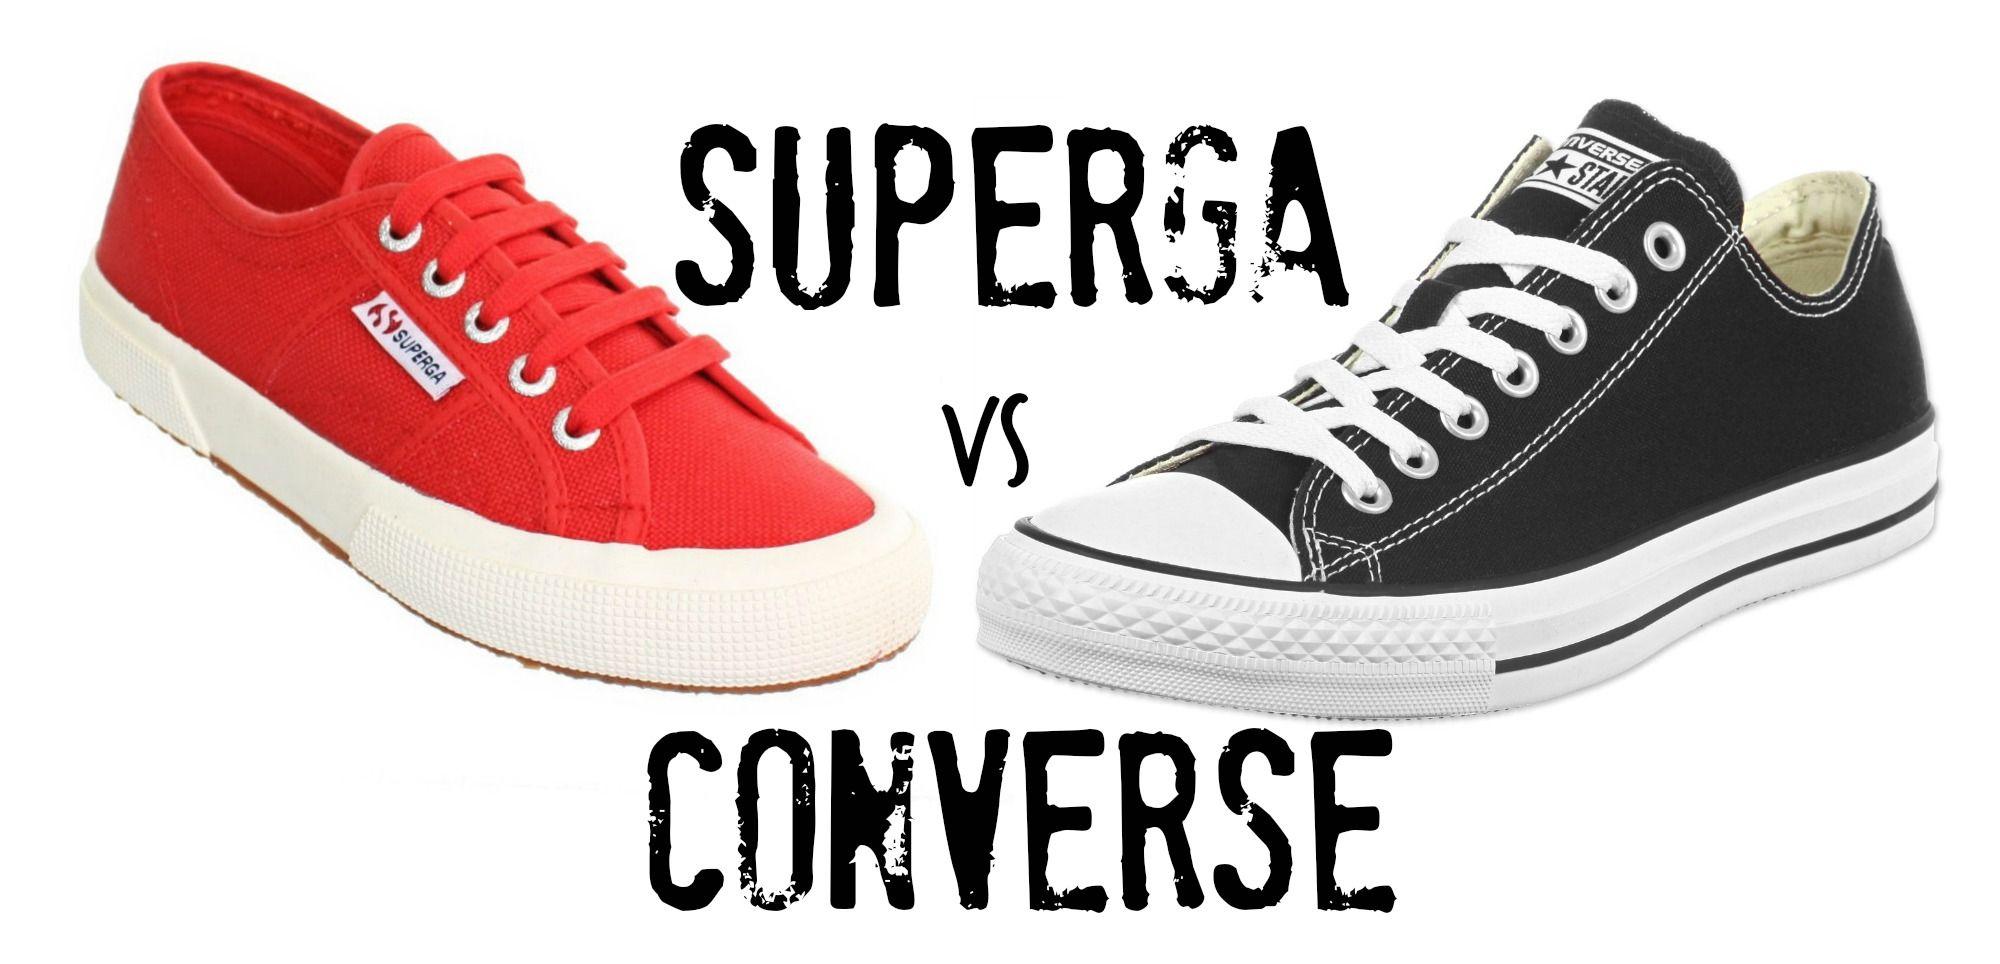 2converse superga